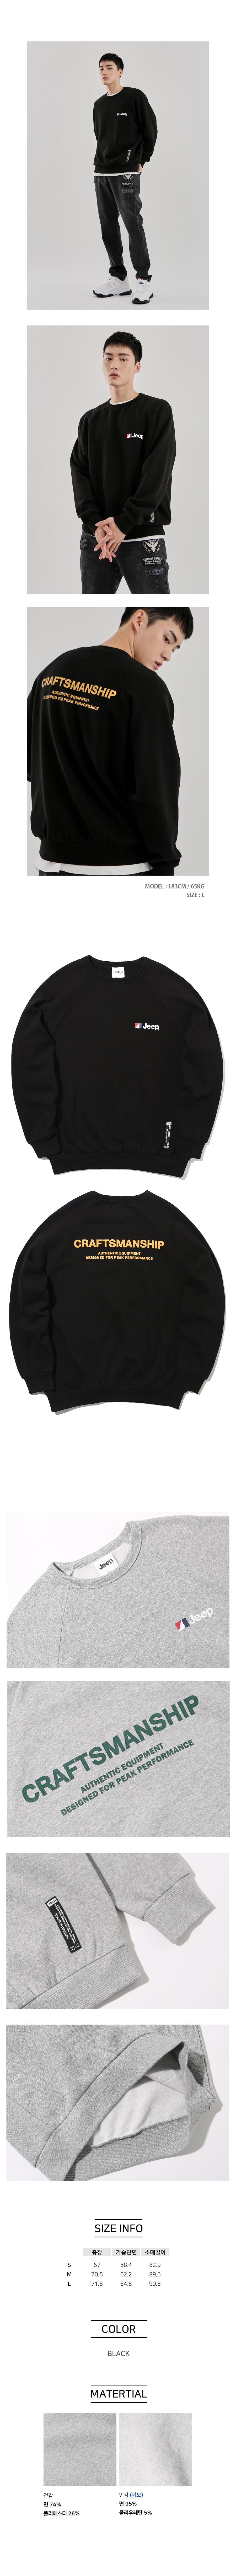 CRAFTSMANSHIP Sweat (GK5TSU822BK)